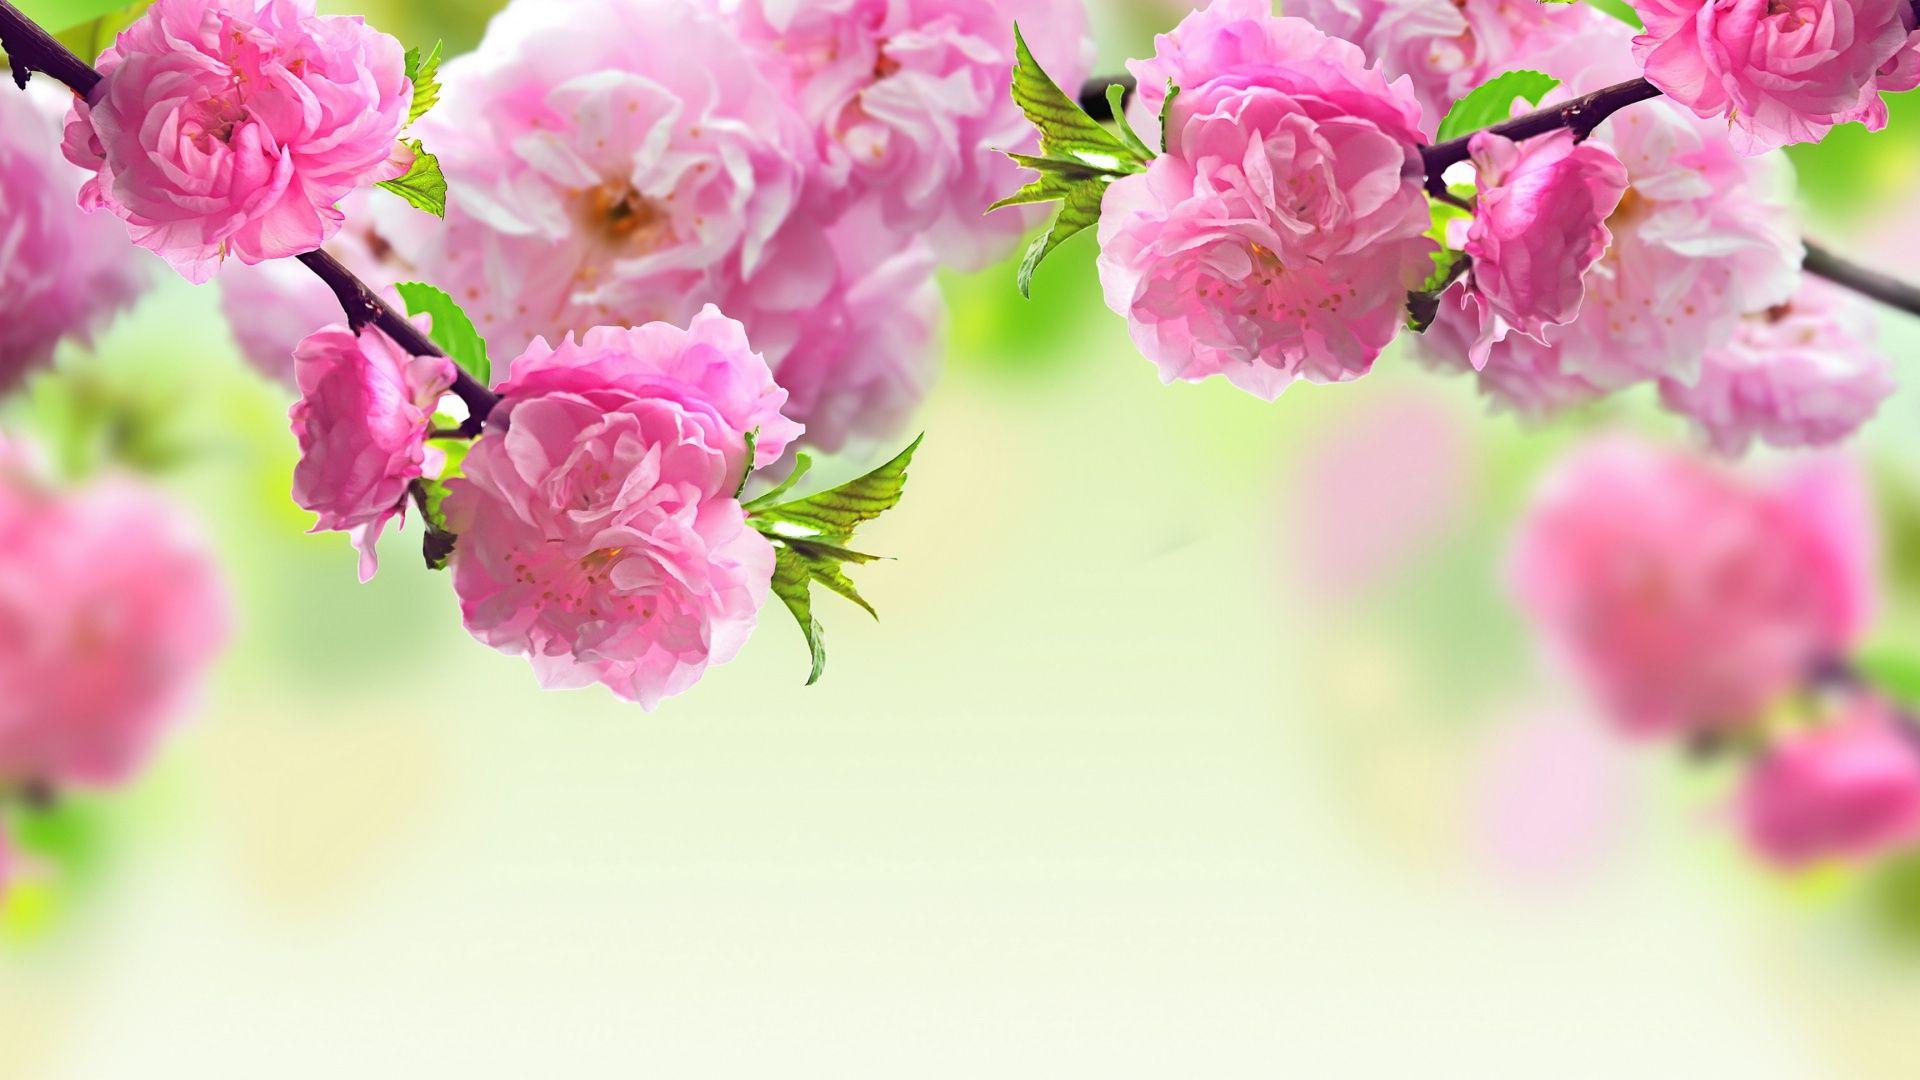 Flowers pink spring wallpaperg 19201080 pixels flowers flowers pink spring wallpaperg 19201080 pixels mightylinksfo